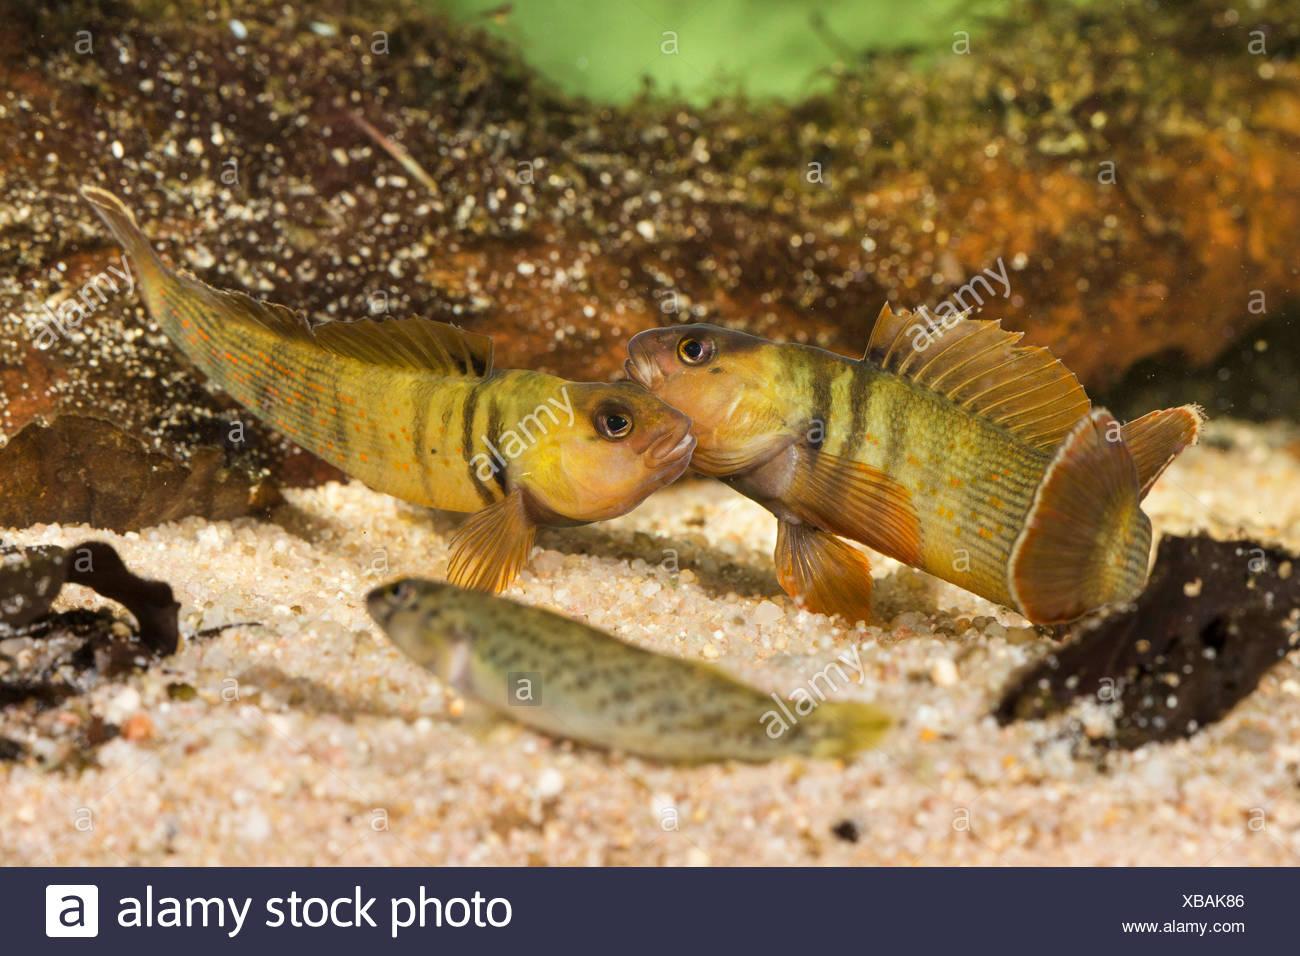 Blaubrust-Springbarsch, Blaubrustspringbarsch (Etheostoma camurum), rivalisierende Maennchen mit Weibchen | Bluebreast Darter  ( Stock Photo